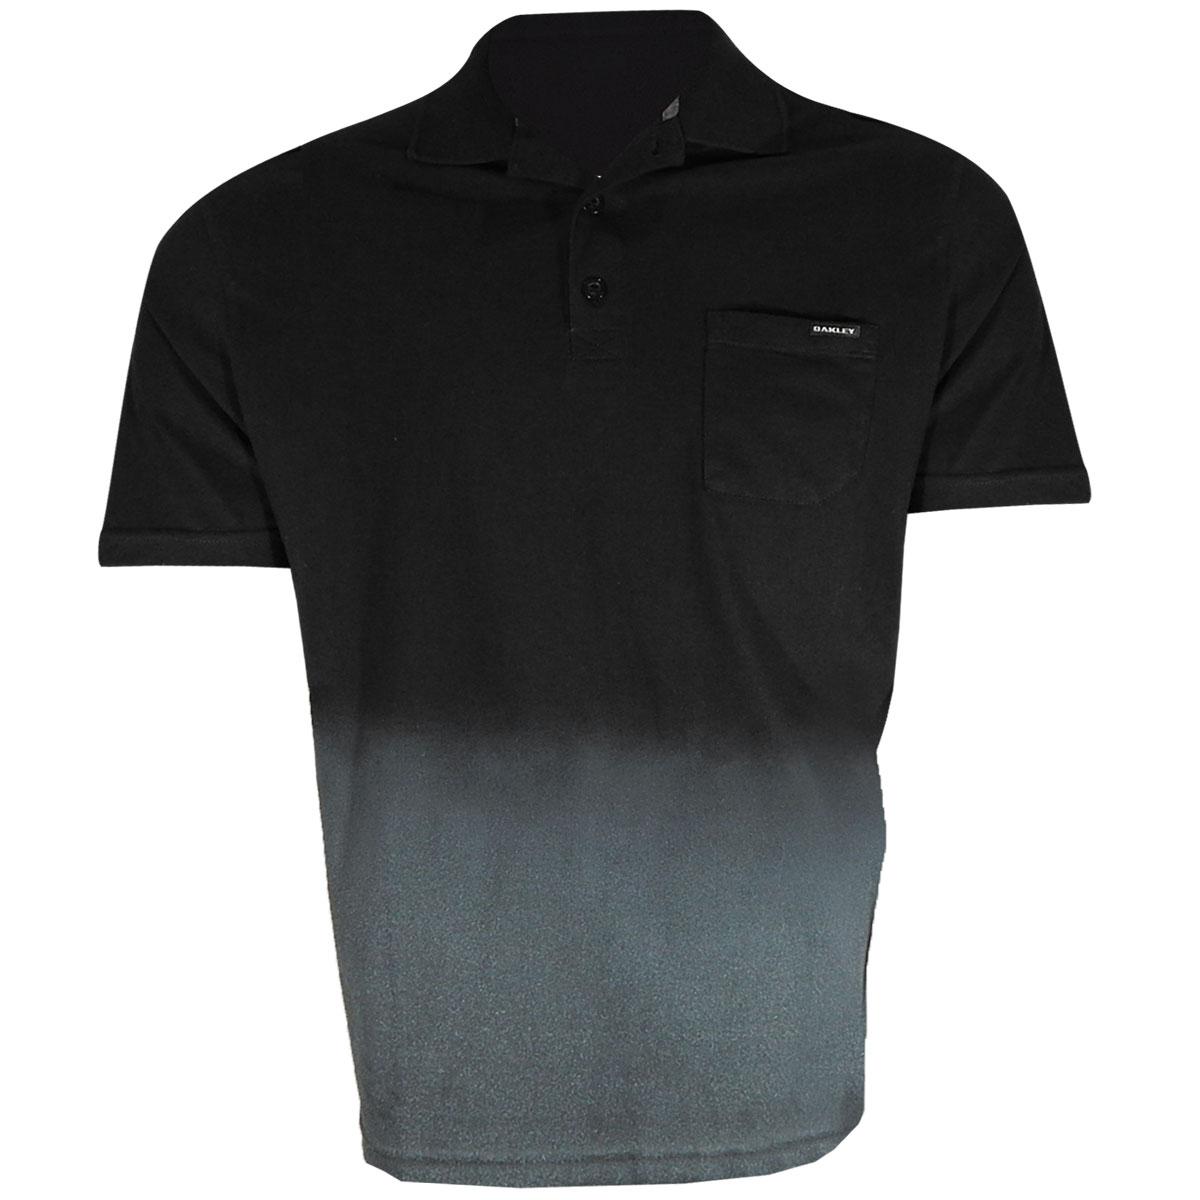 3e11580699 Camisa Polo Oakley Friction Degrade Preta PROMOÇÃO Ultima Peça tam G ...